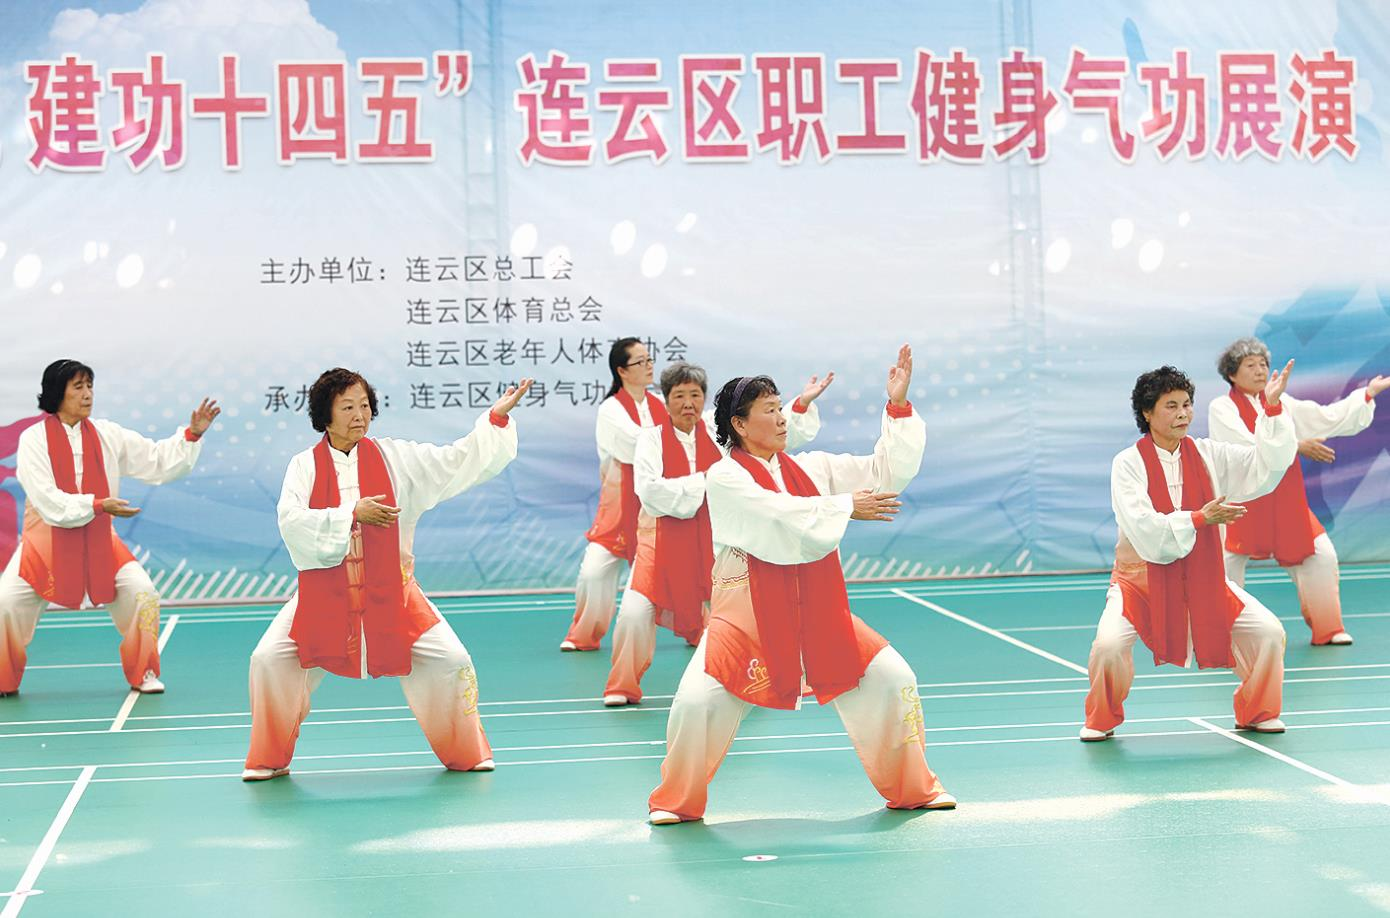 连云区职工健身气功展演